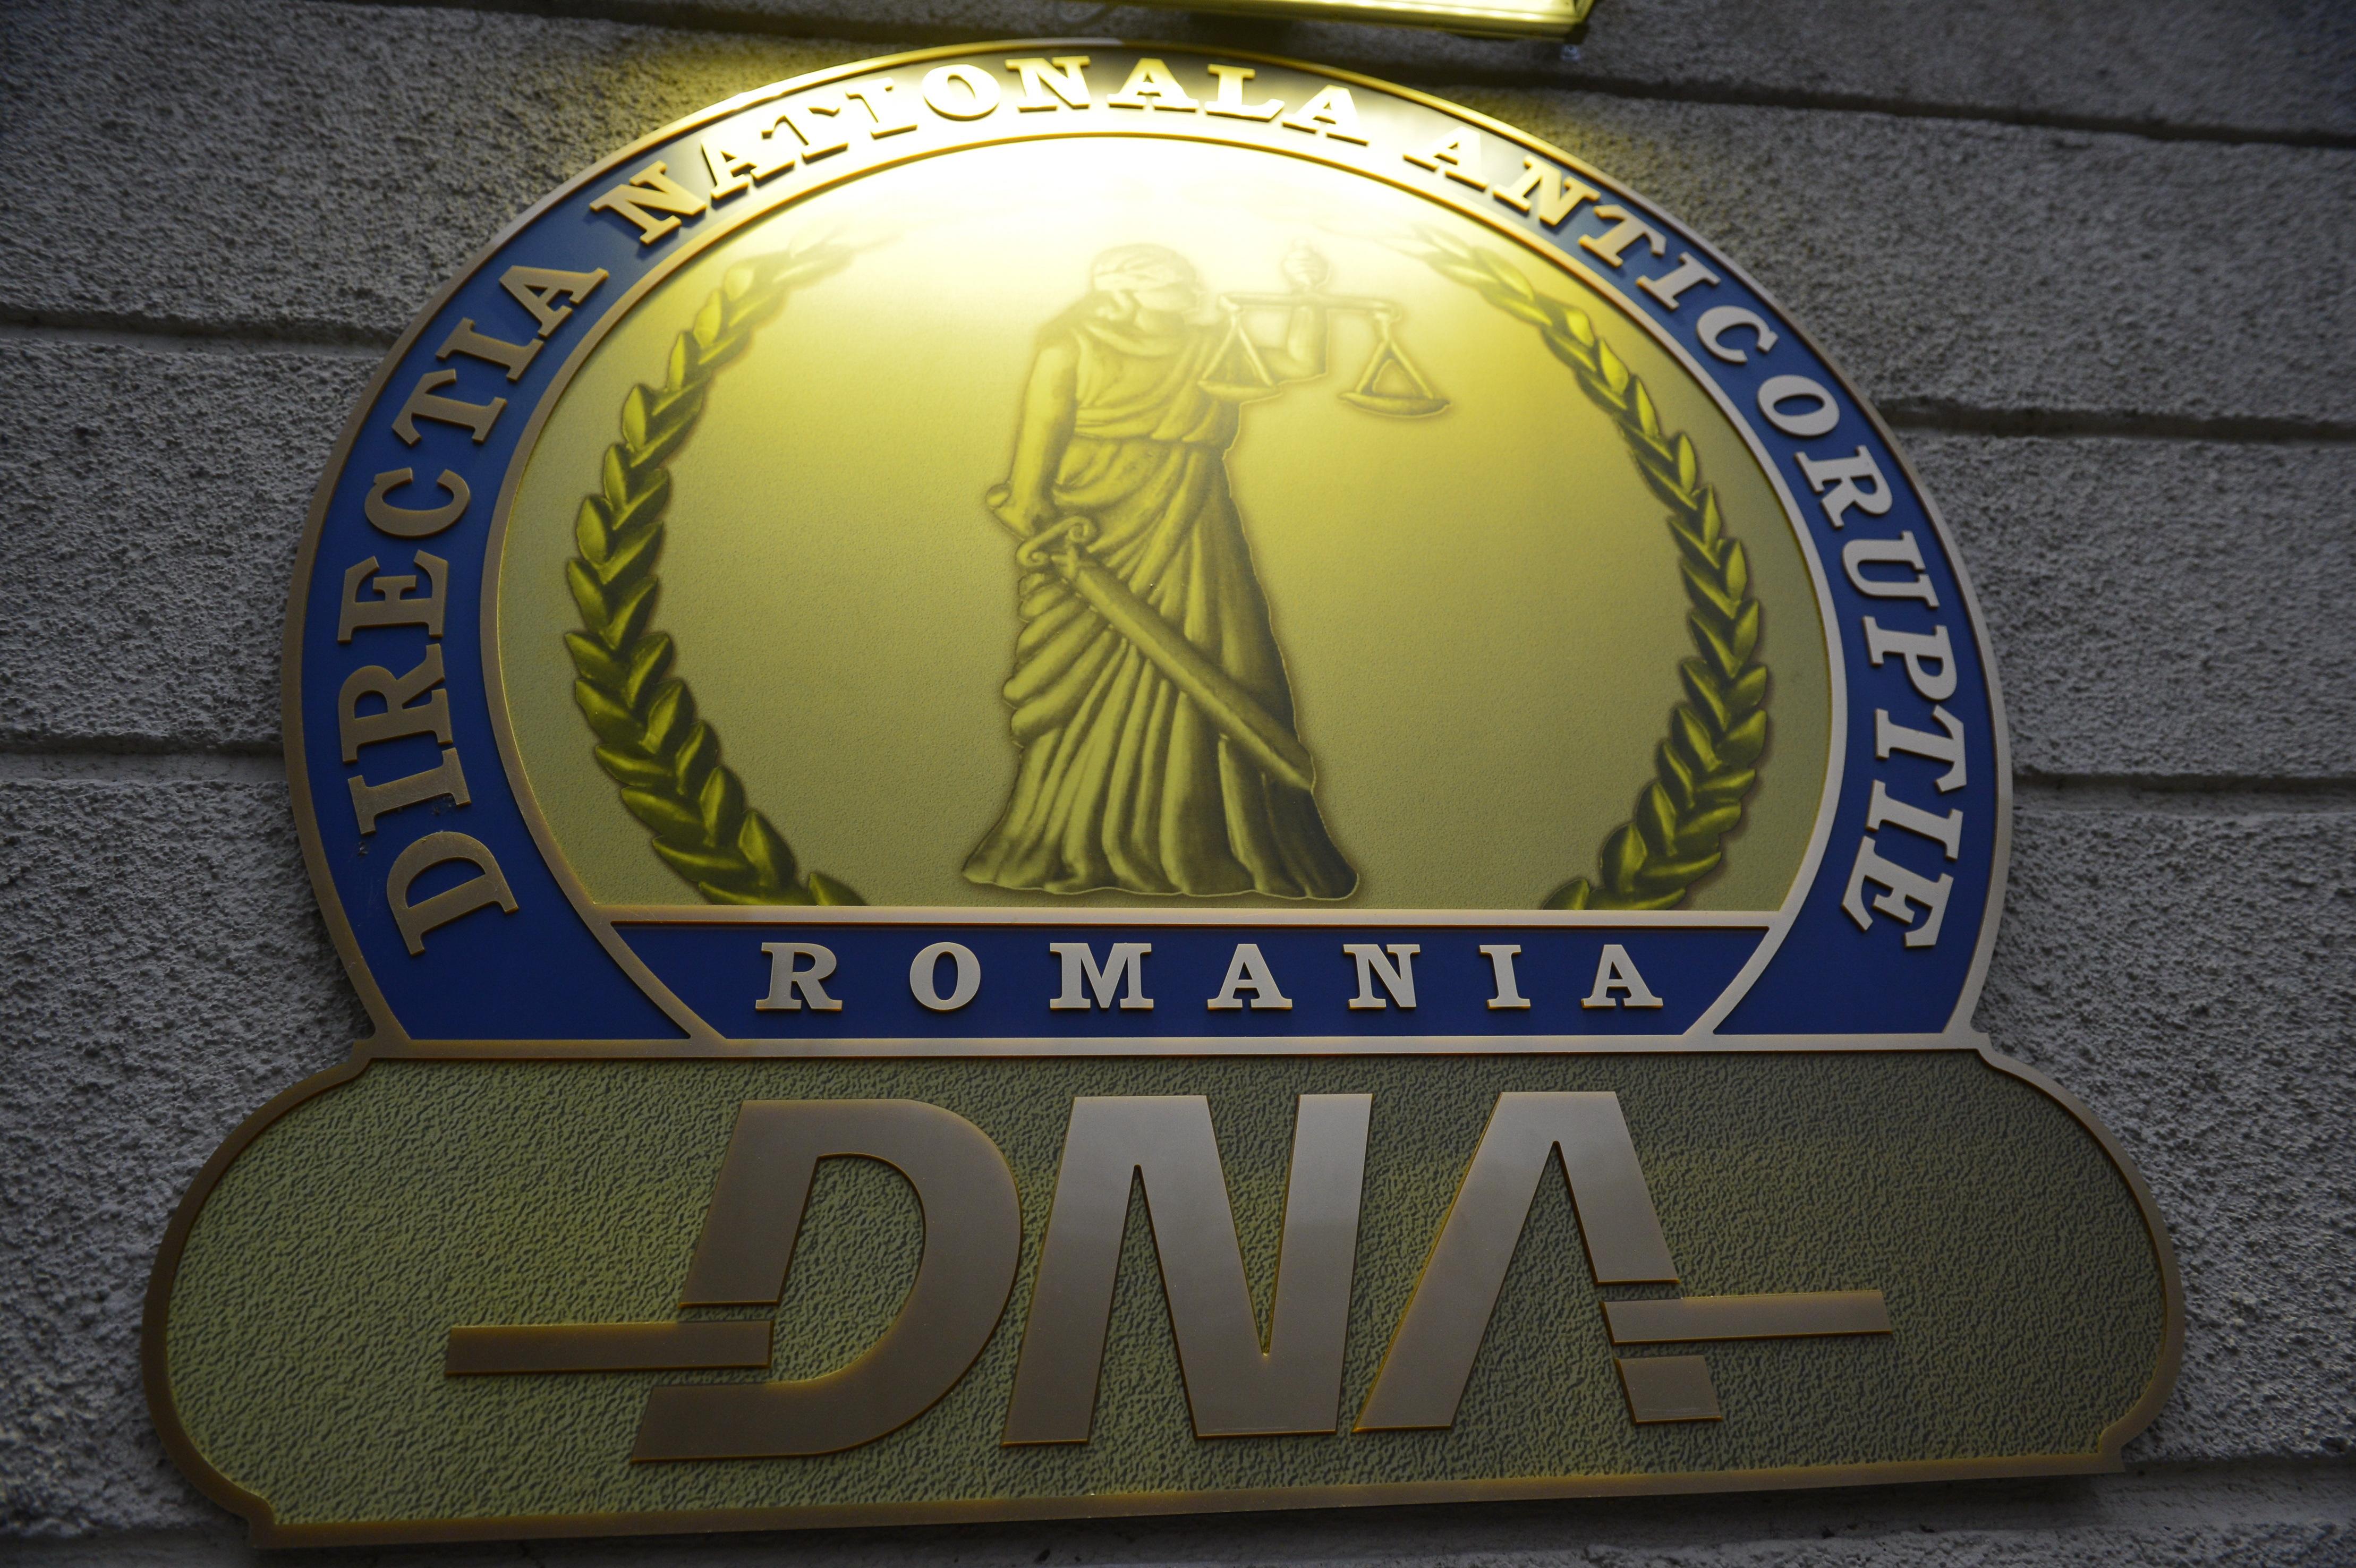 Controlul Inspecţiei Judiciare la DNA, prelungit până pe 25 august. Concluziile vor fi transmise CSM până pe 6 octombrie